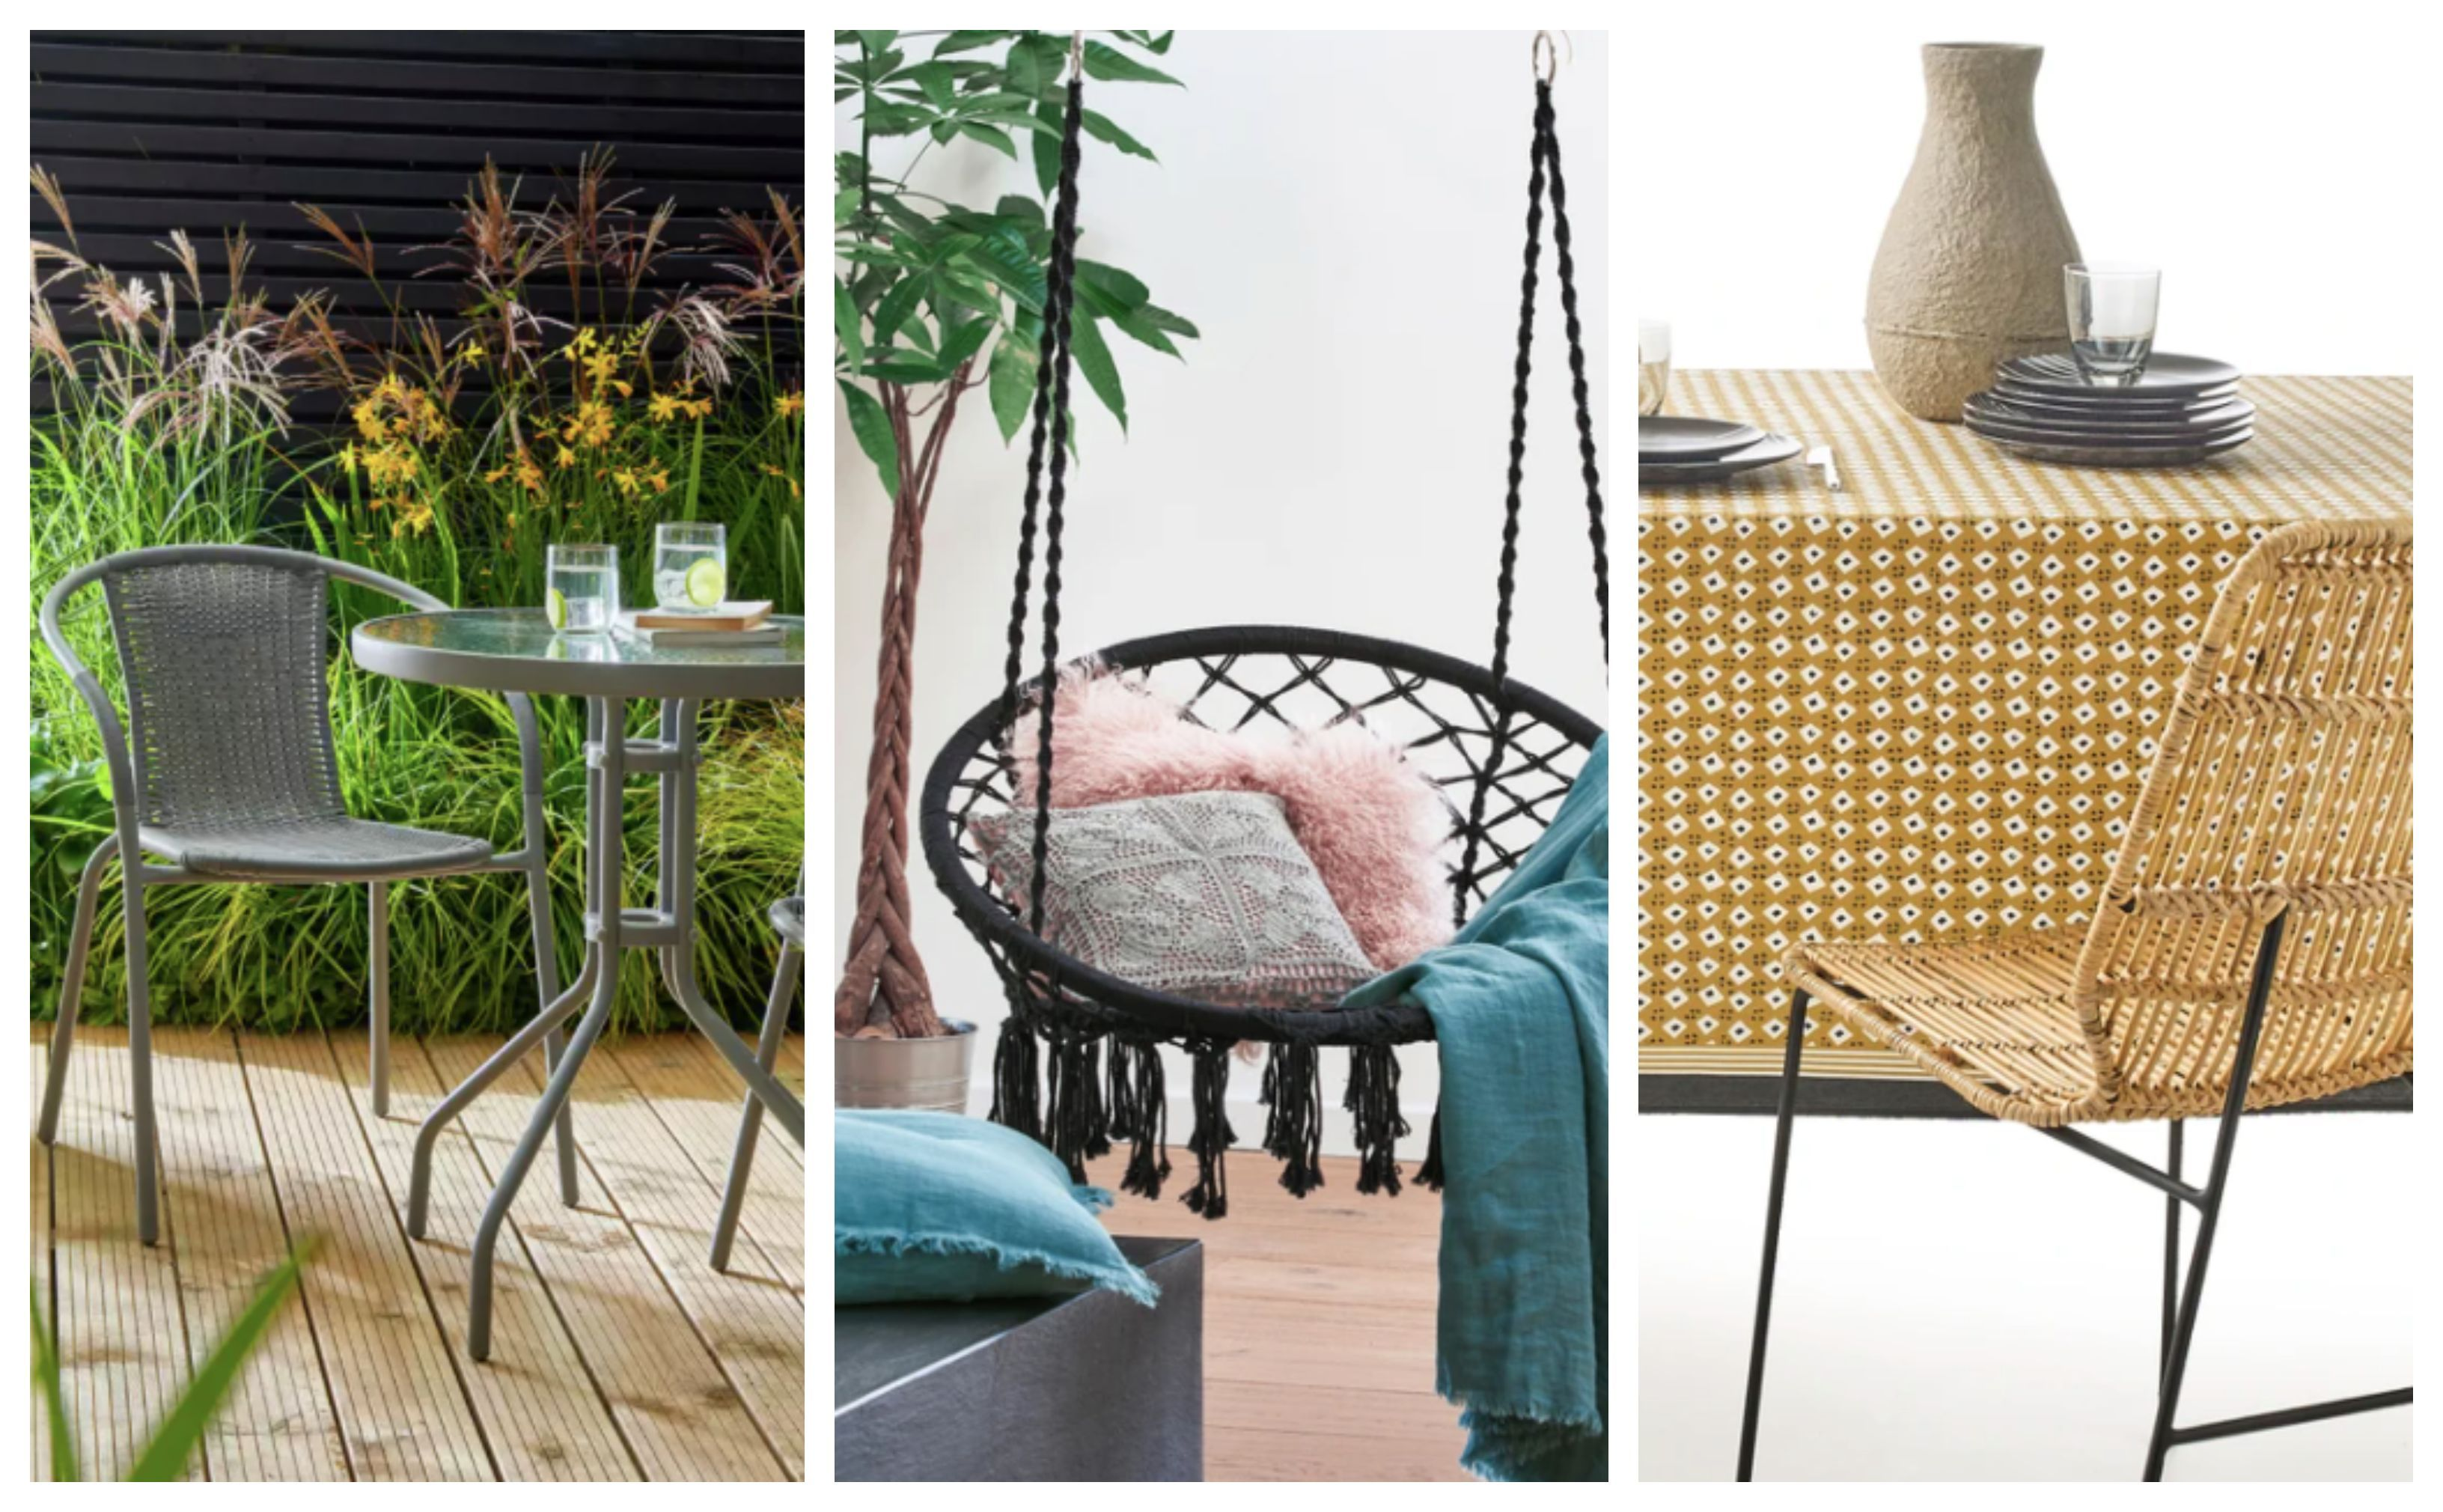 Gorgeous cheap garden furniture for under £9